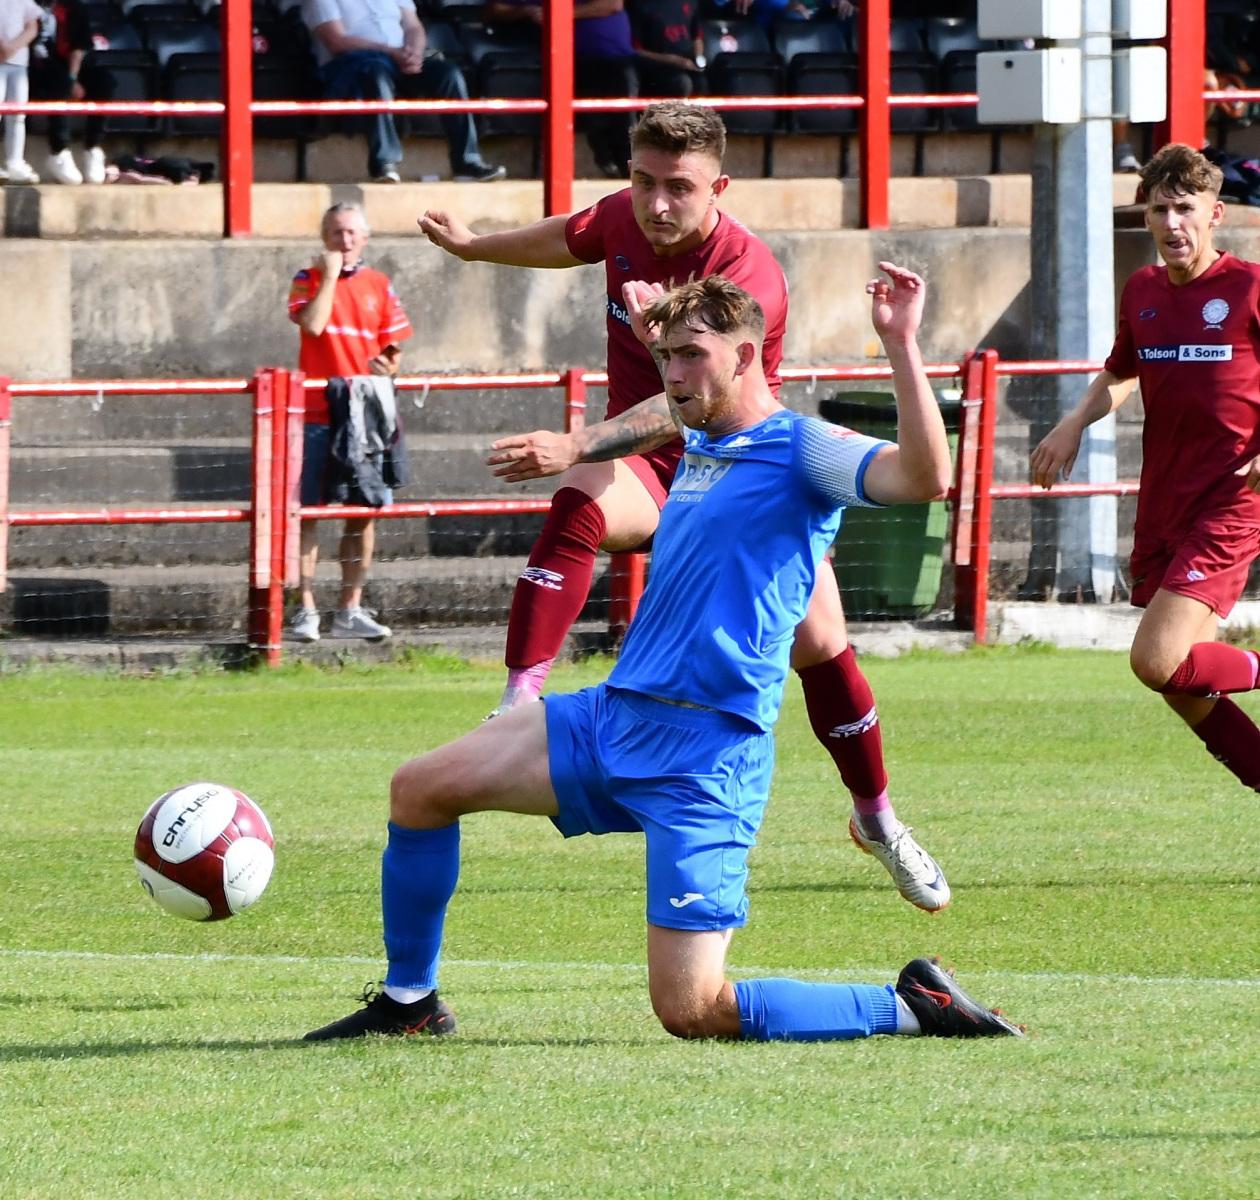 Dav-Symington-scored-the-opening-goal-for-workington-against-Market-Drayton-Ben-Challis